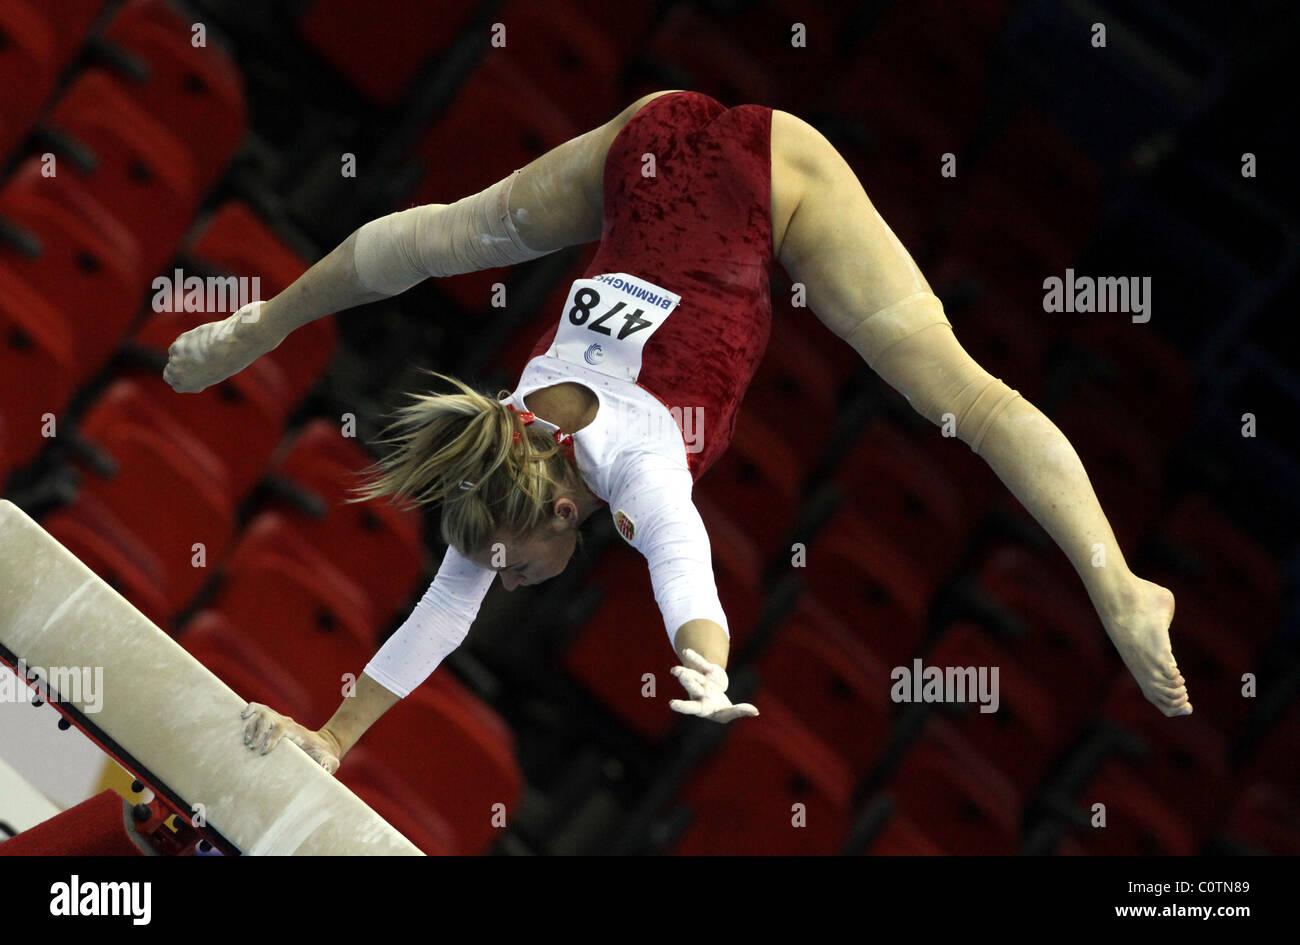 Ginnasta femmina esegue un handstand utilizzando soltanto un braccio sul fascio in una competizione di ginnastica Immagini Stock